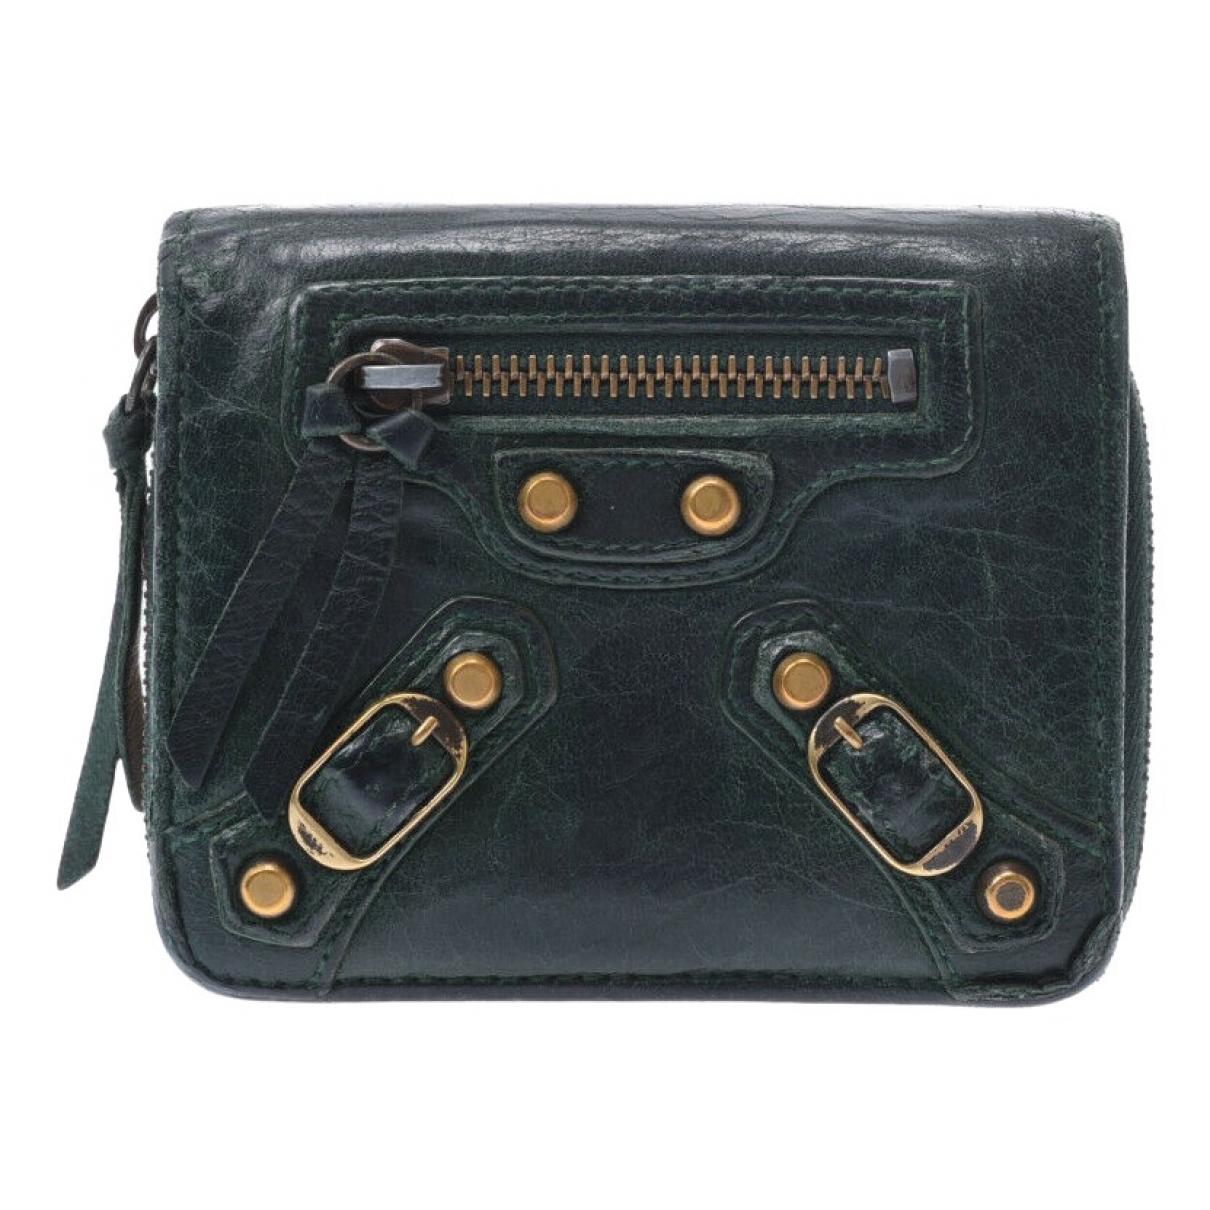 Balenciaga - Portefeuille   pour femme en cuir - vert